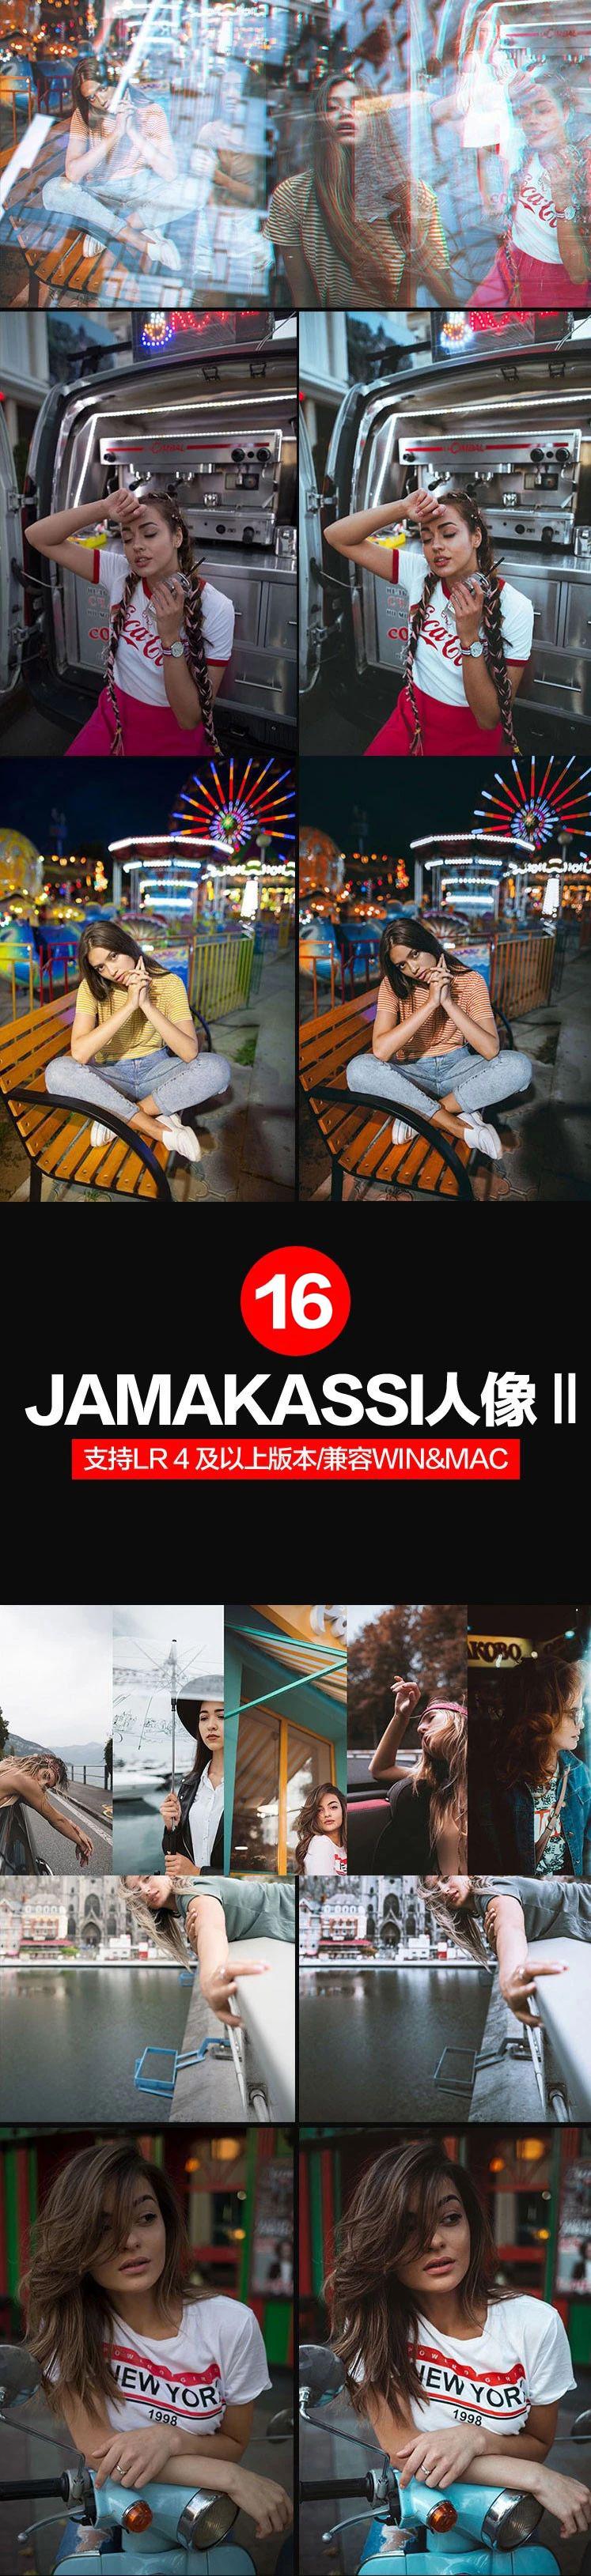 16套INS网红城市黑金胶片风格调色LR预设 轻松调出炫酷大片范插图(7)